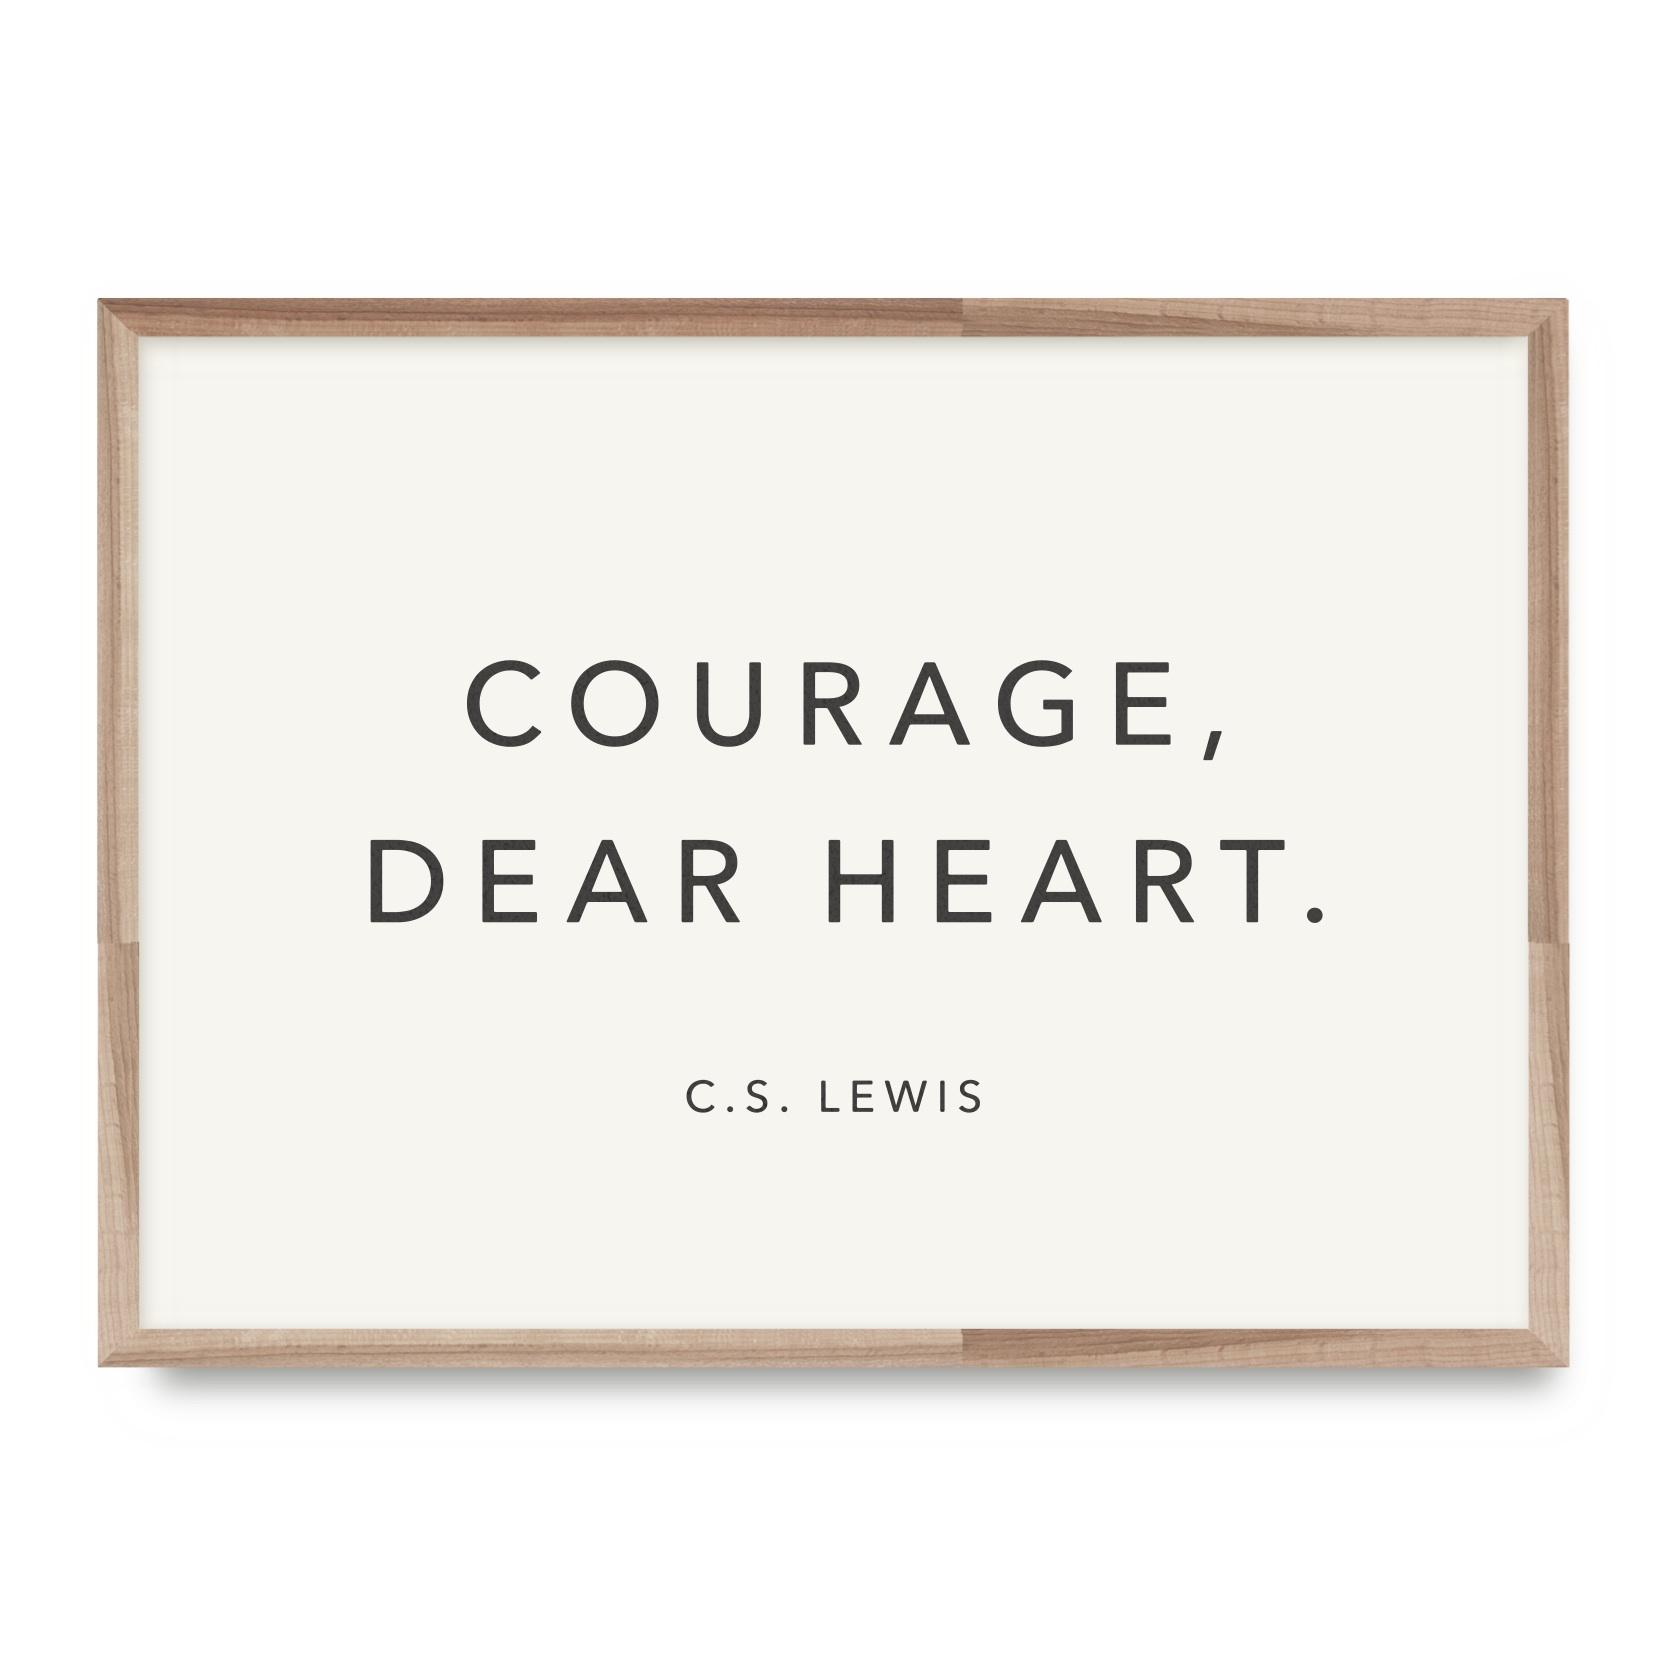 Lewis Courage, Dear Heart    Card - WL08    8x10 Print - WP07    12x16 Print - EW09 (Black or White)